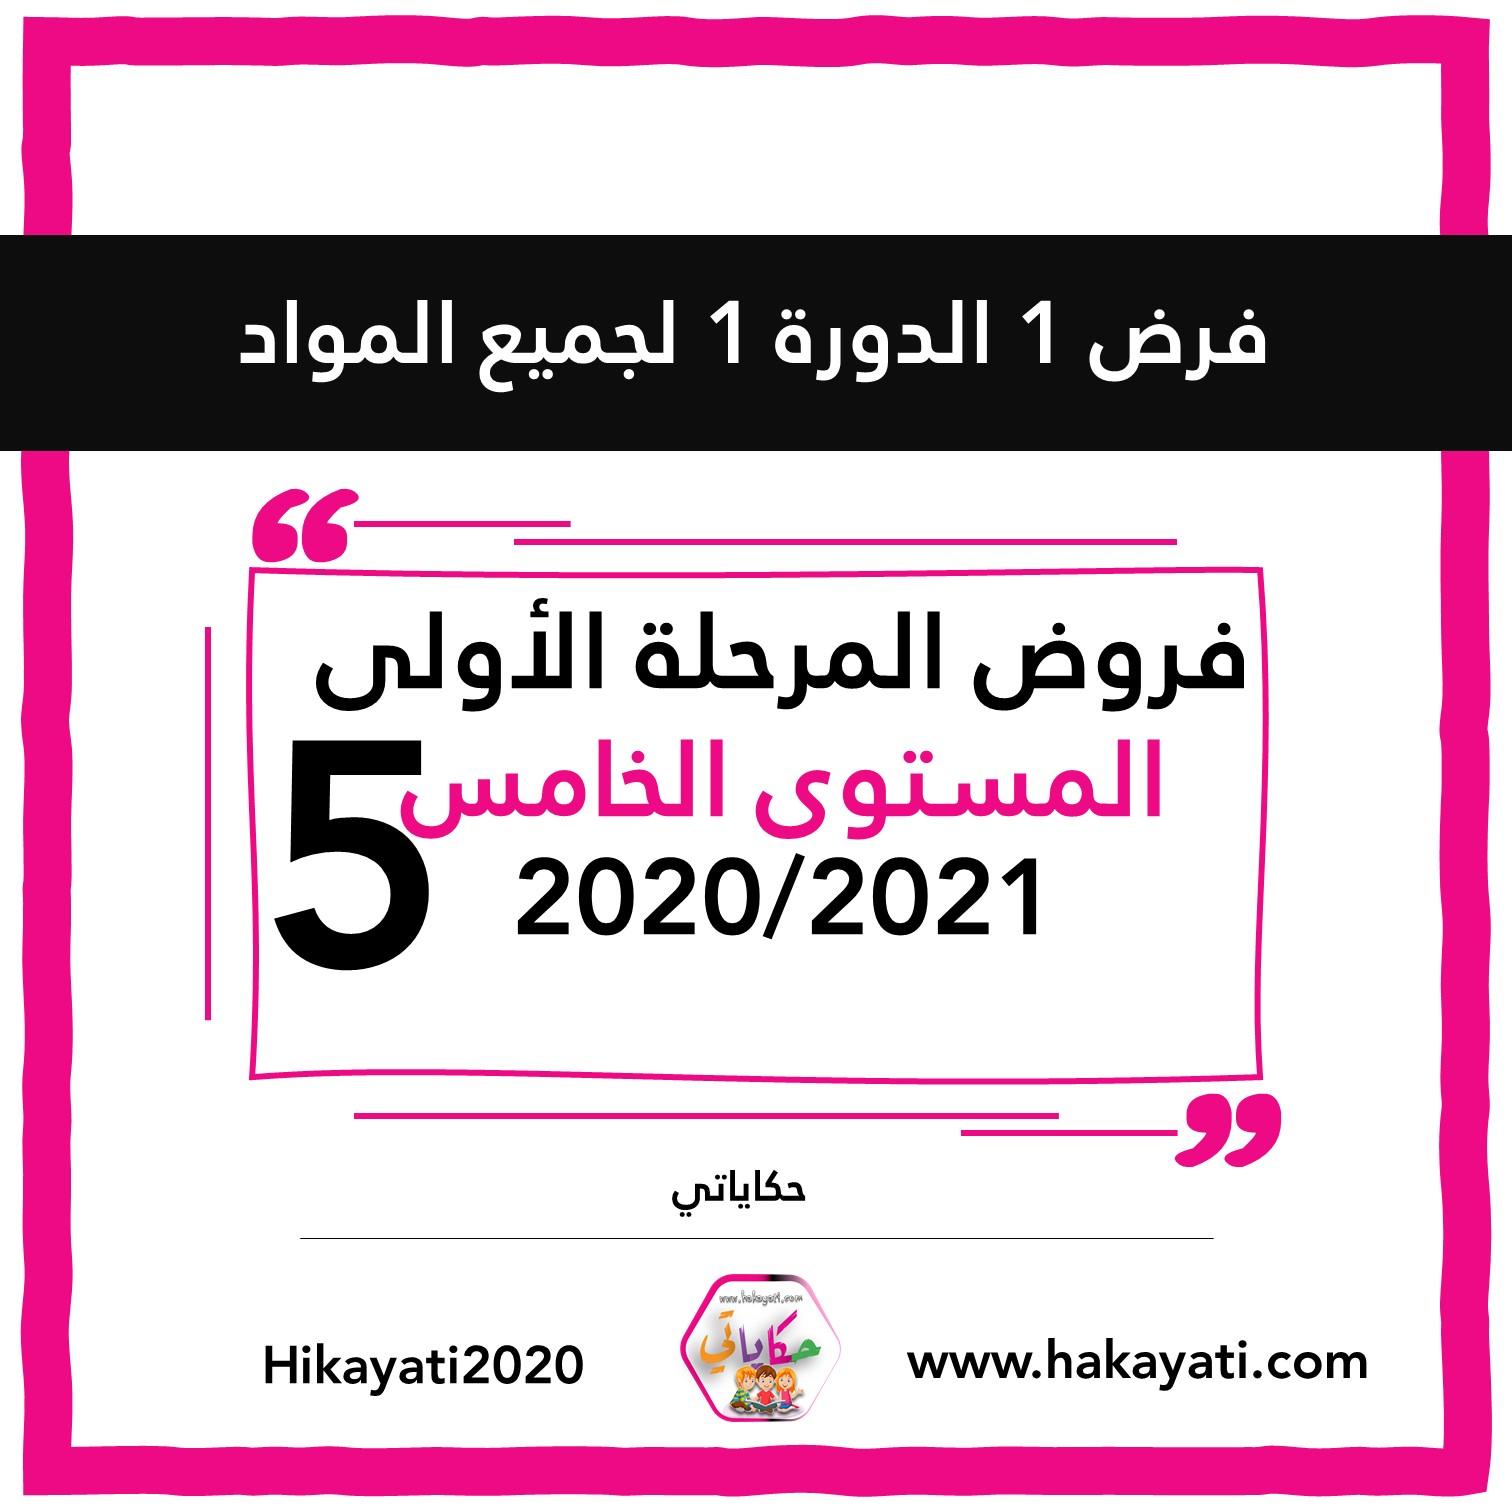 الفرض الأول 1 من الدورة الأولى 1 لجميع مواد المستوى الخامس وفق المنهاج المنقح 2021-2020